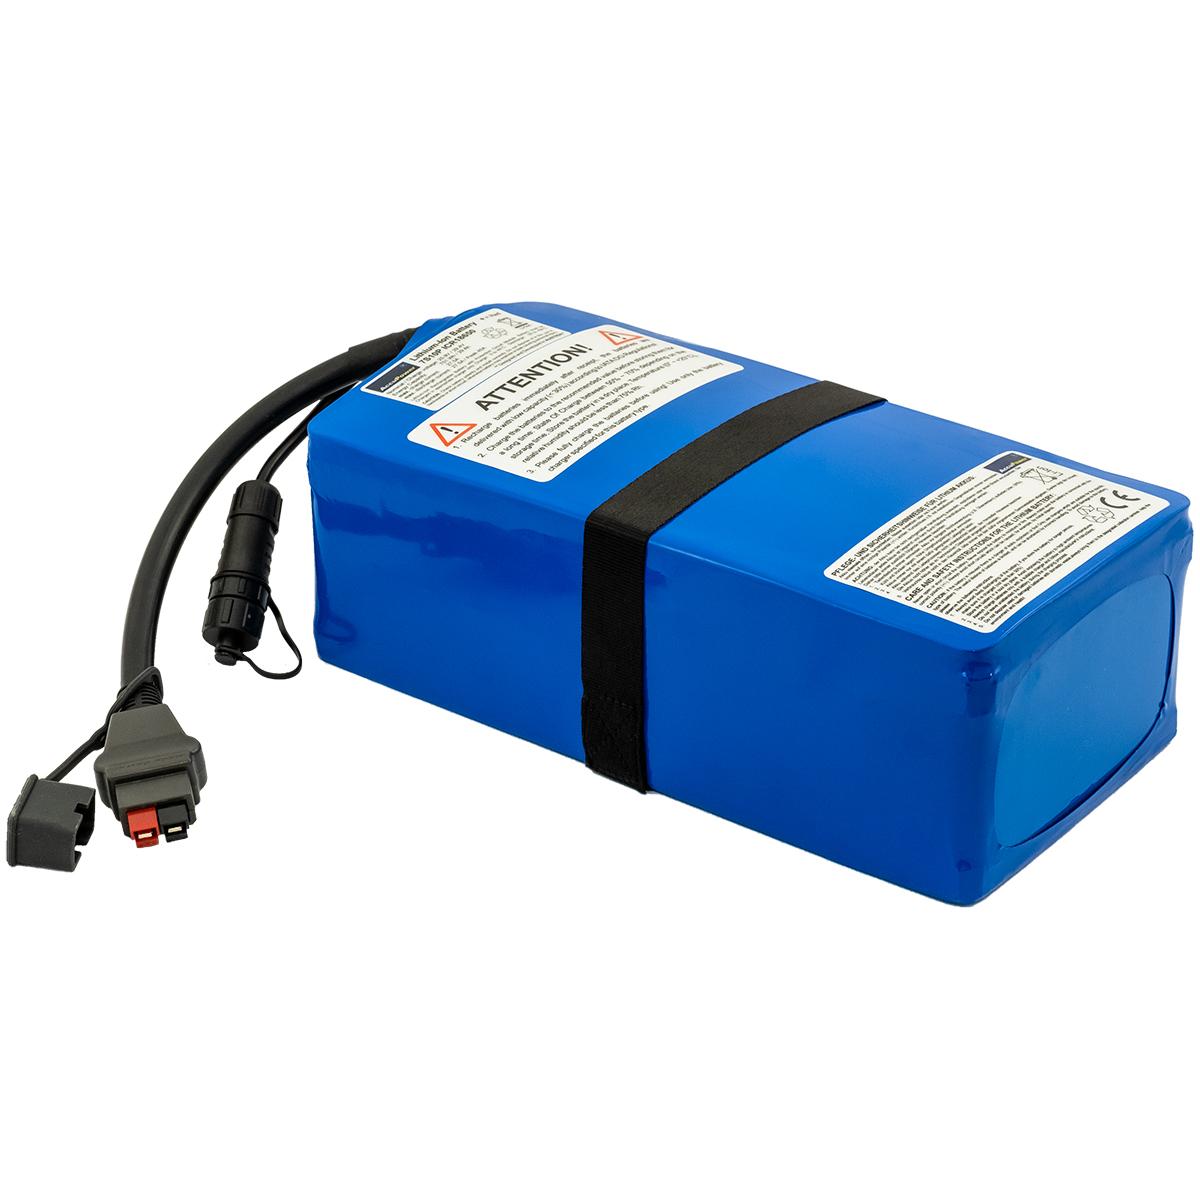 AccuPower Lithium Akku 7S10P 25,9V 29Ah 751Wh mit Schnittstelle